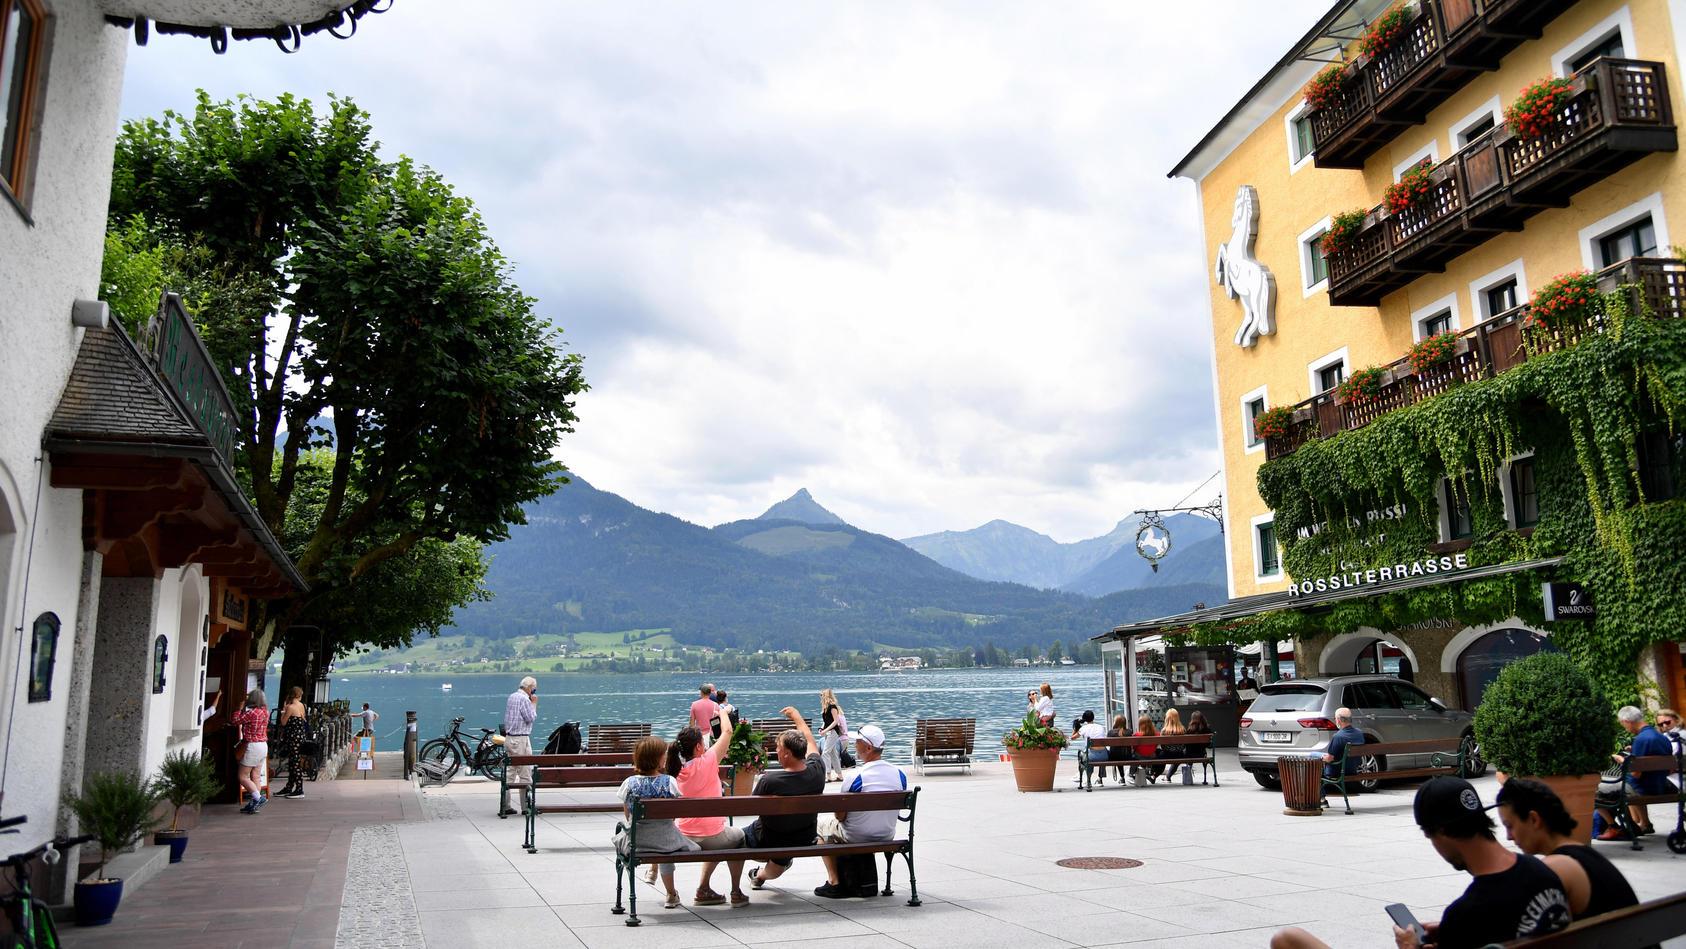 Eine Frau aus Deutschland ist in Österreich wegen wiederholten Bruchs ihrer Quarantäne zu 10.800 Euro Geldstrafe verurteilt worden (Symbolbild)